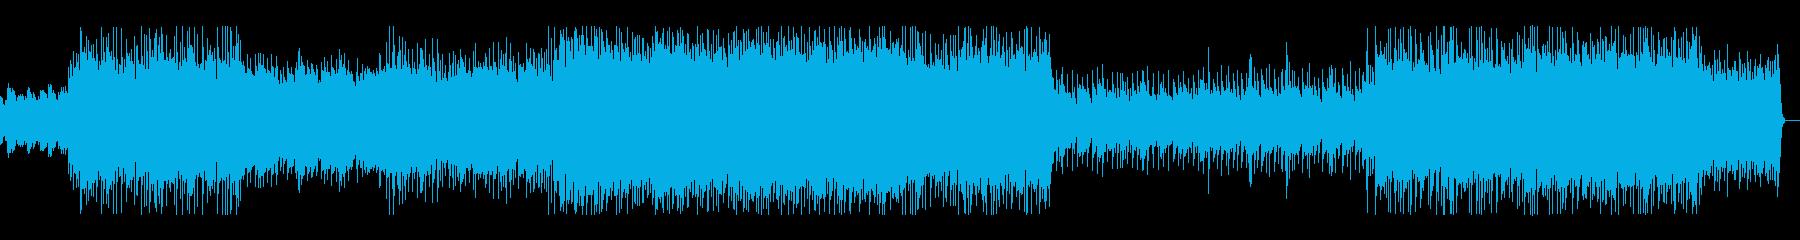 ギターのアルペジオが印象的なロックの再生済みの波形